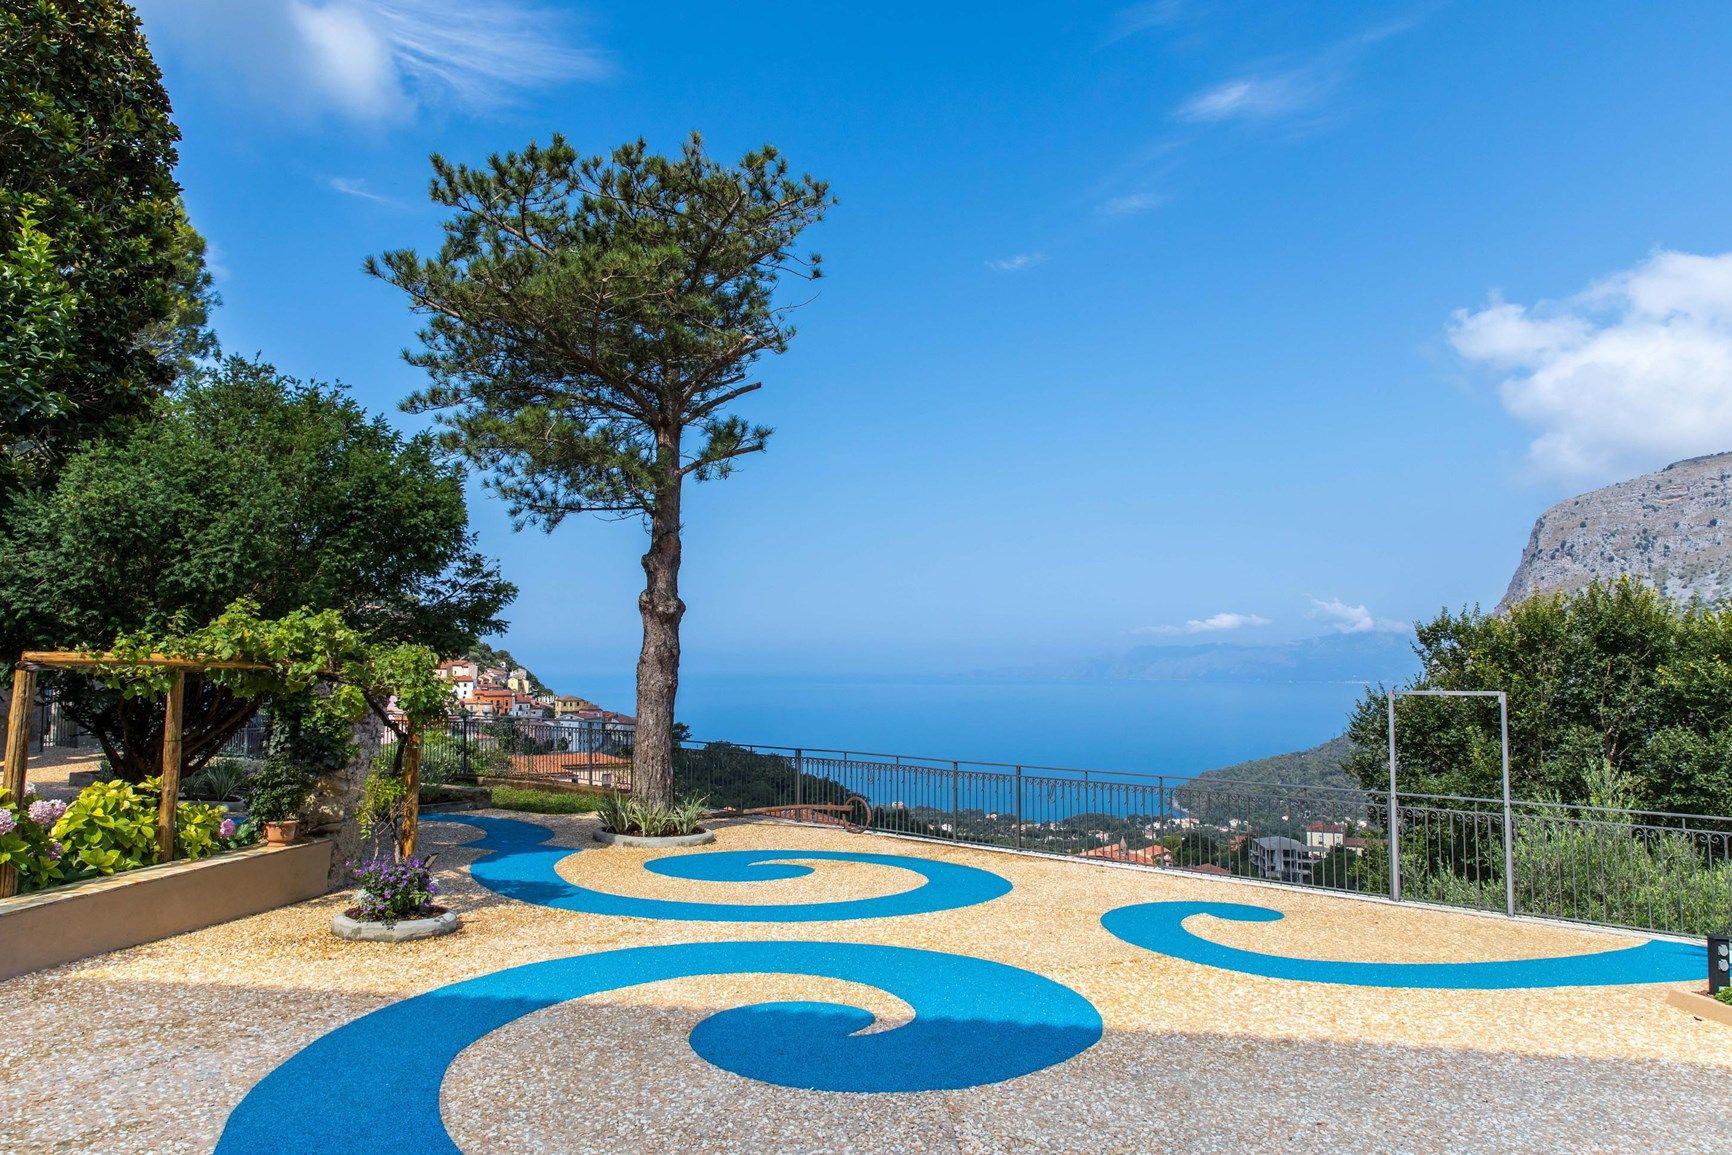 Isoplam: il Giardino delle Arti a Maratea rivive  all'insegna del dialogo con il territorio